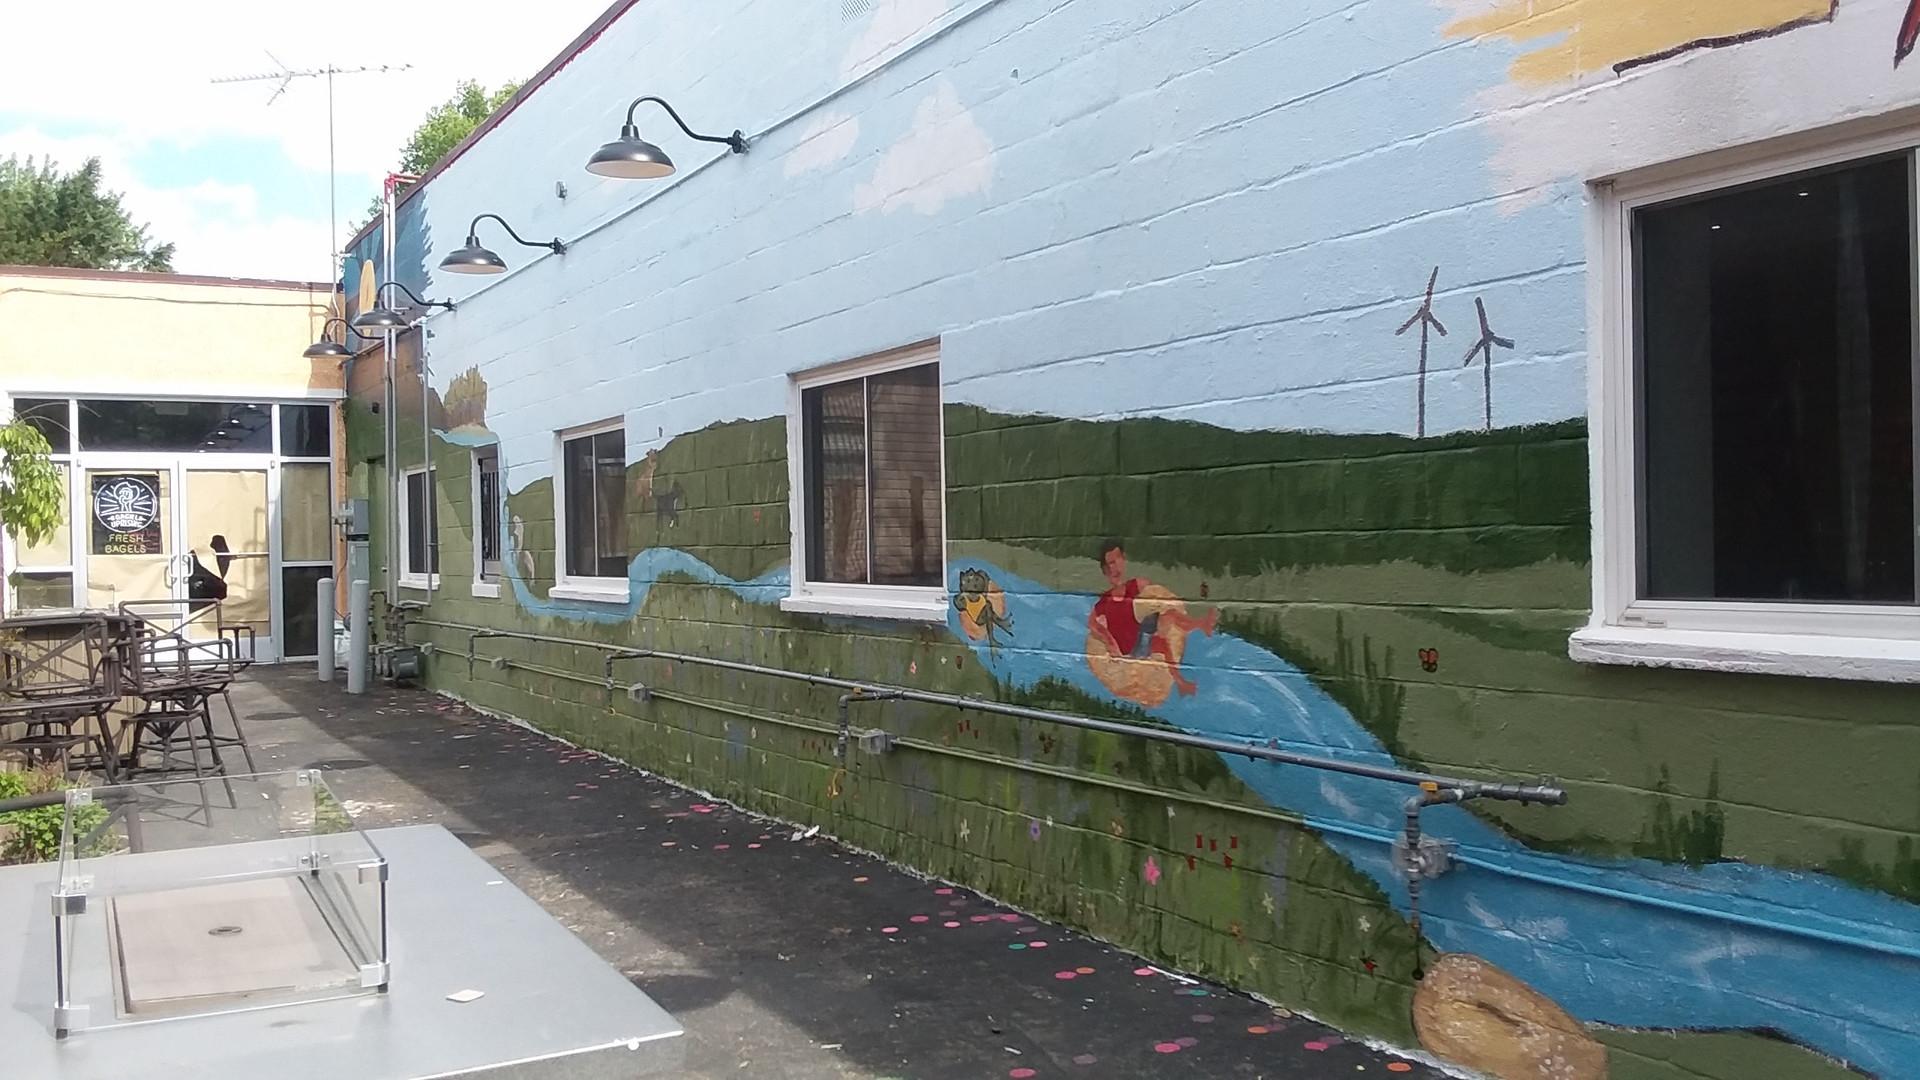 Bagel Uprising Mural